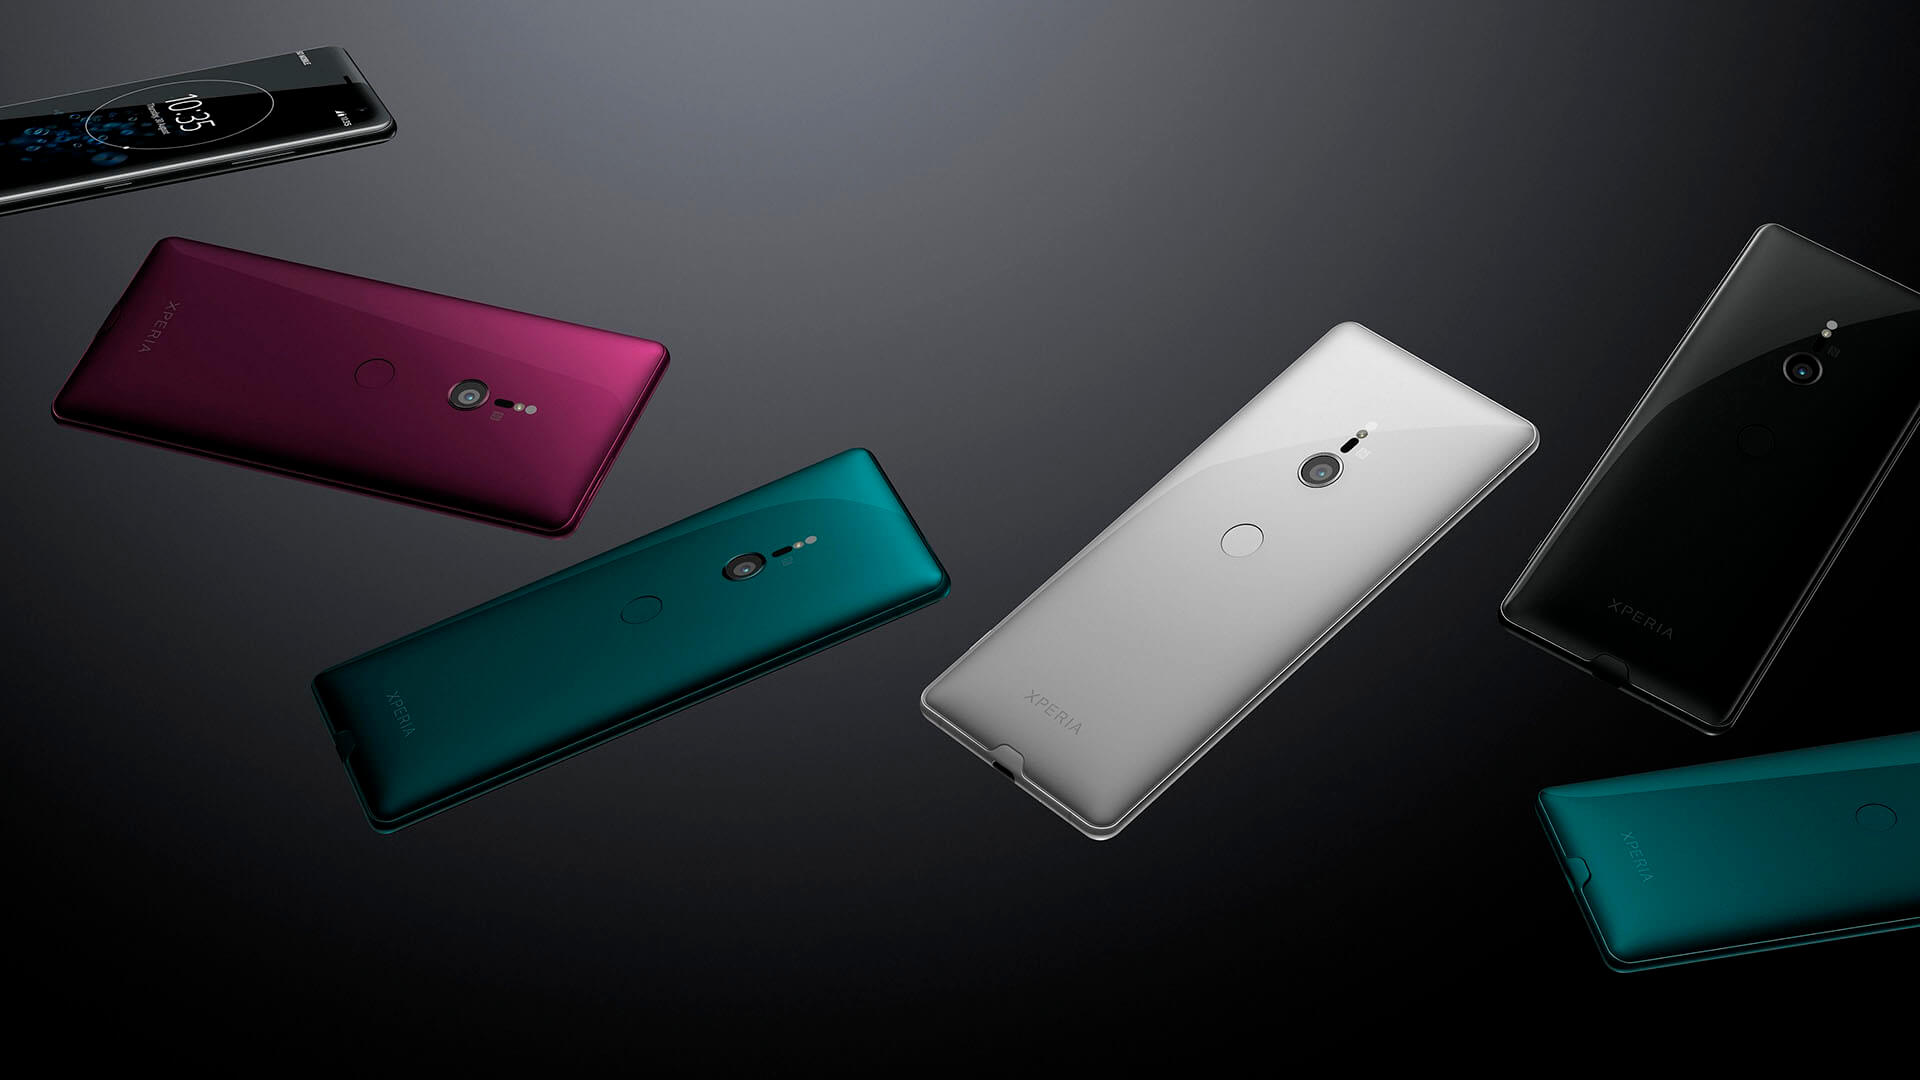 ソニー、シリーズ初となる有機ELディスプレイの「Xperia XZ3」を発表